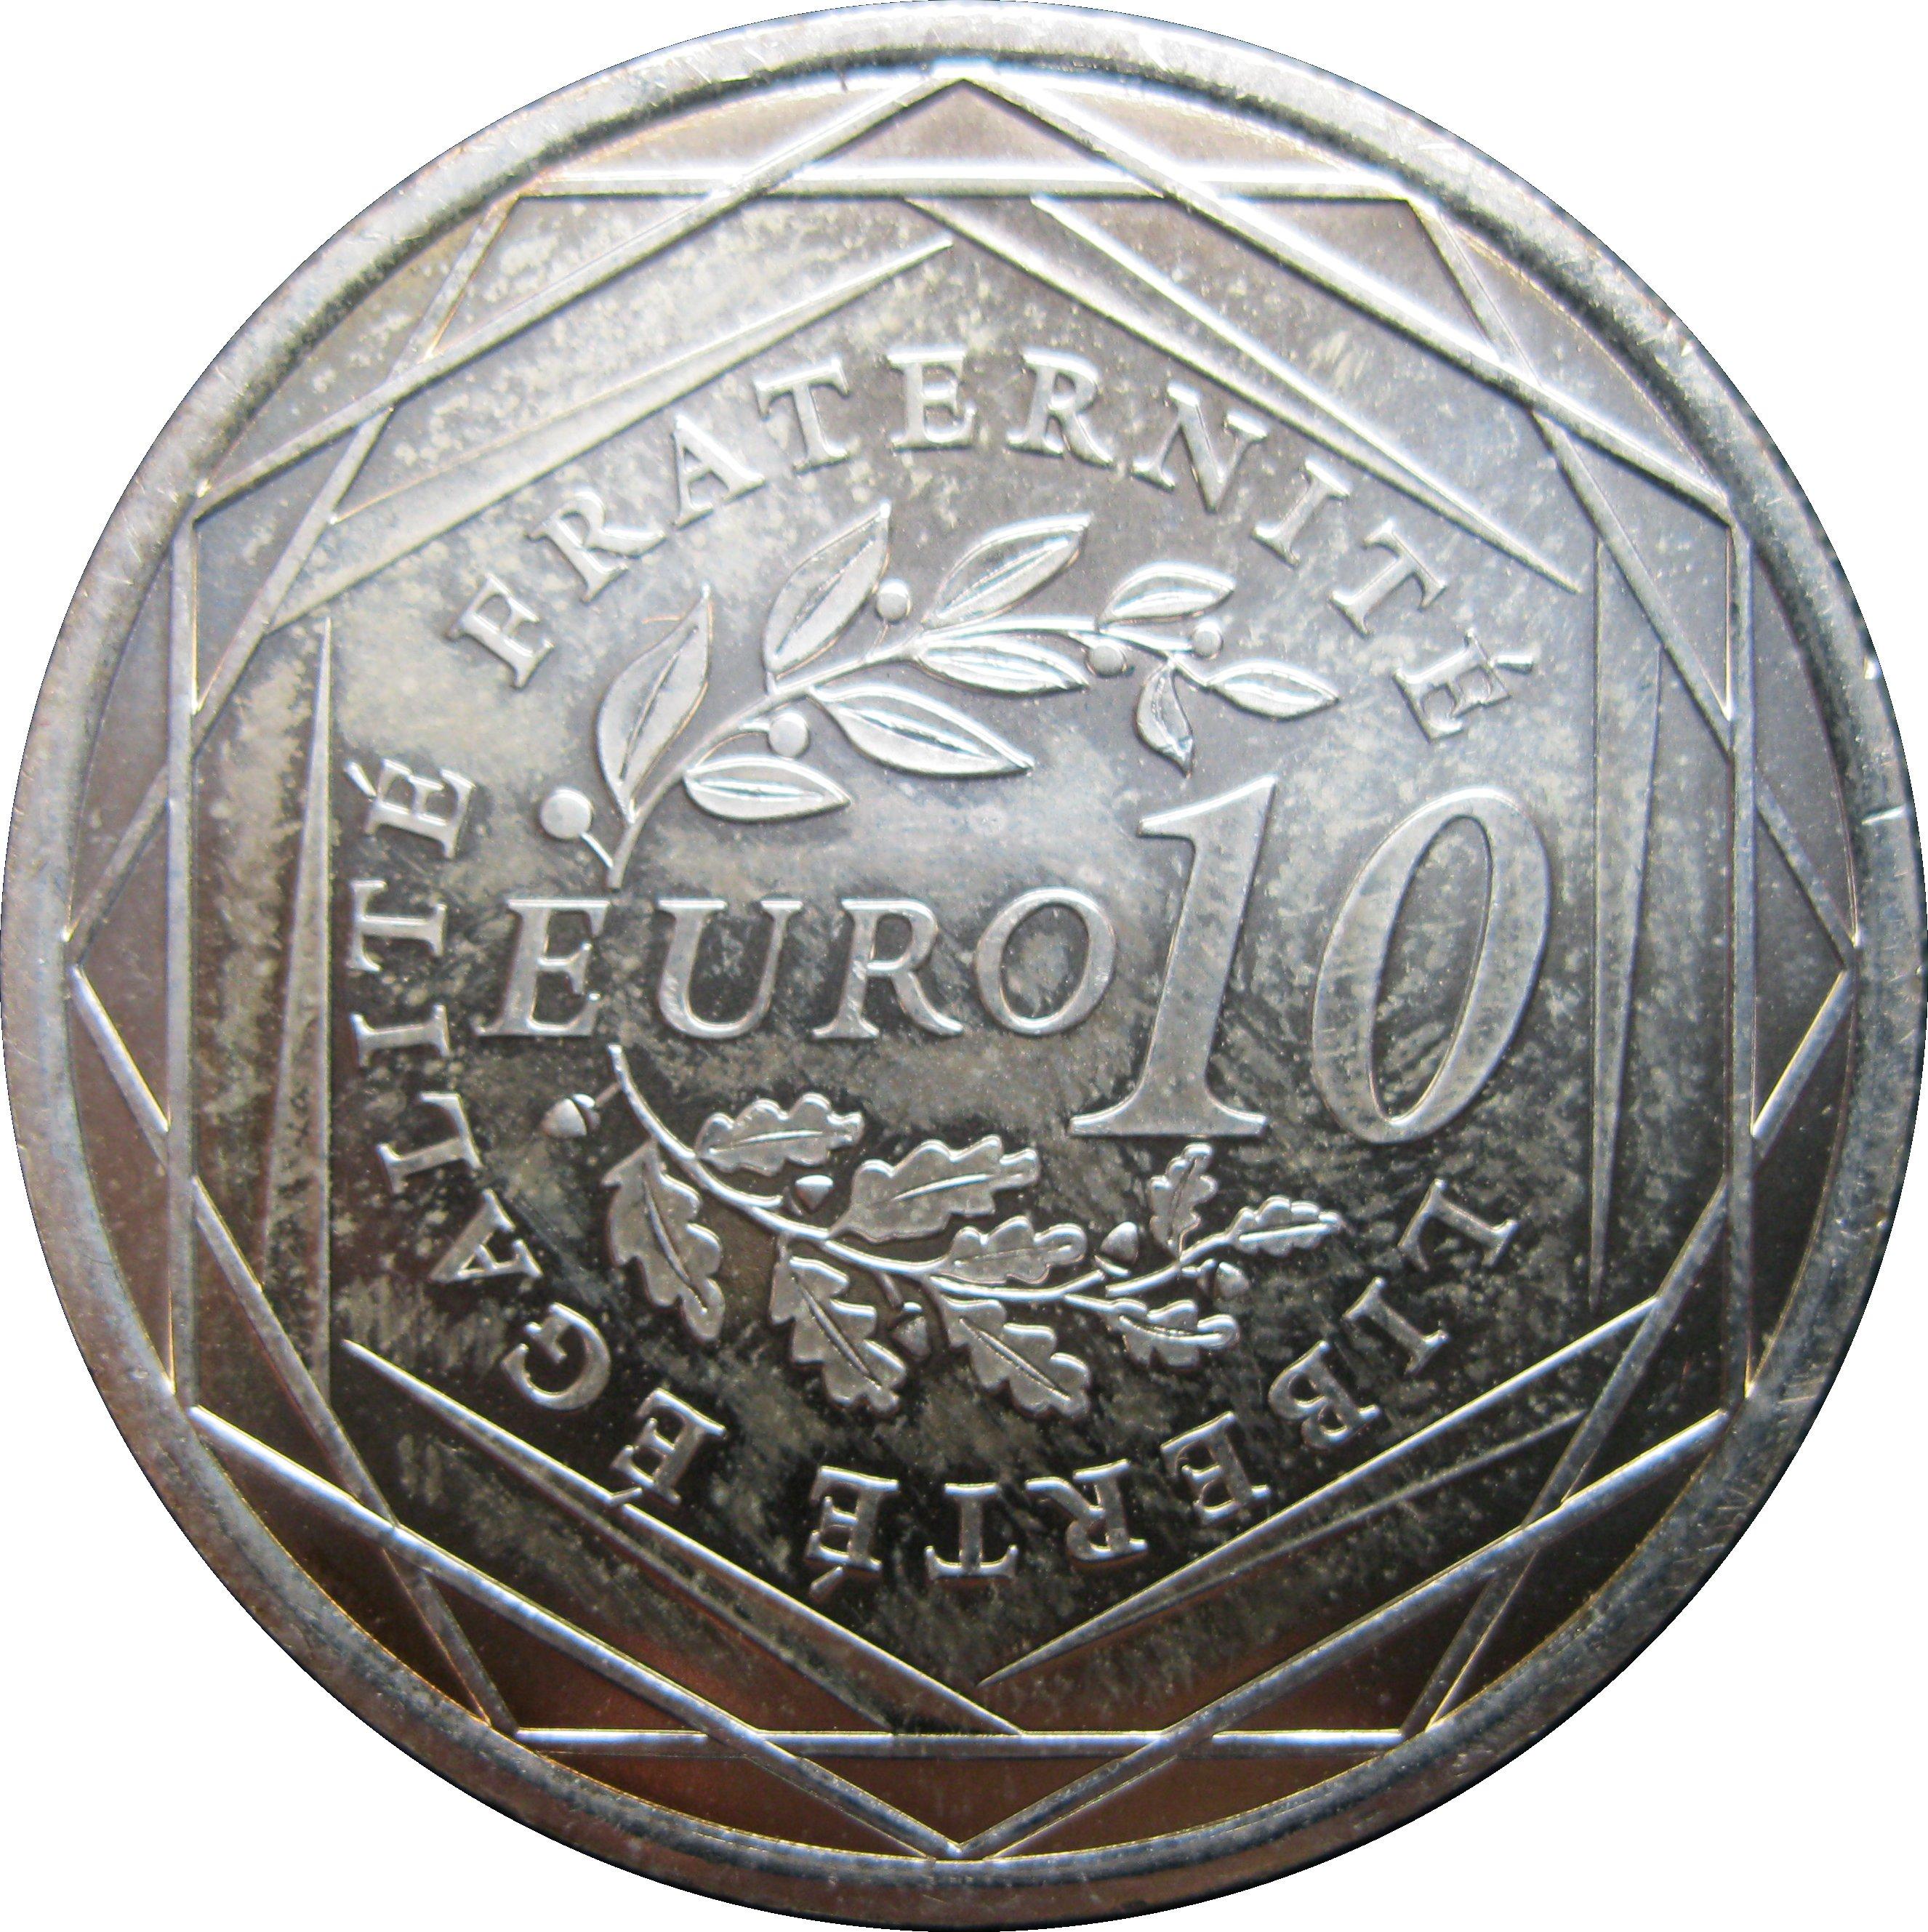 10 euros Semeuse - France - Numista